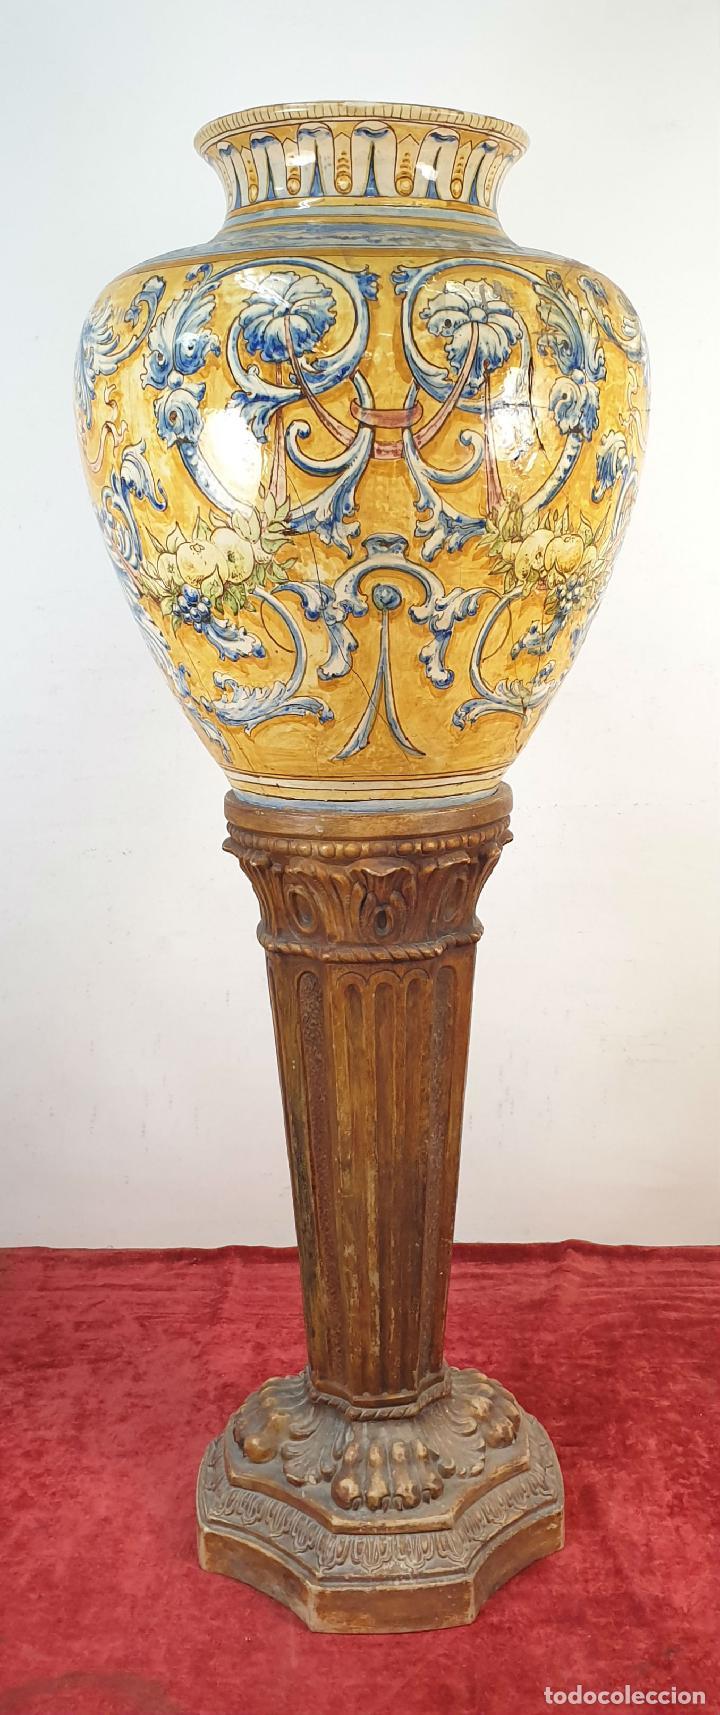 GRAN JARRÓN CON PEANA. CERÁMICA ESMALTADA. TALAVERA. SIGLO XIX-XX. (Antigüedades - Porcelanas y Cerámicas - Talavera)